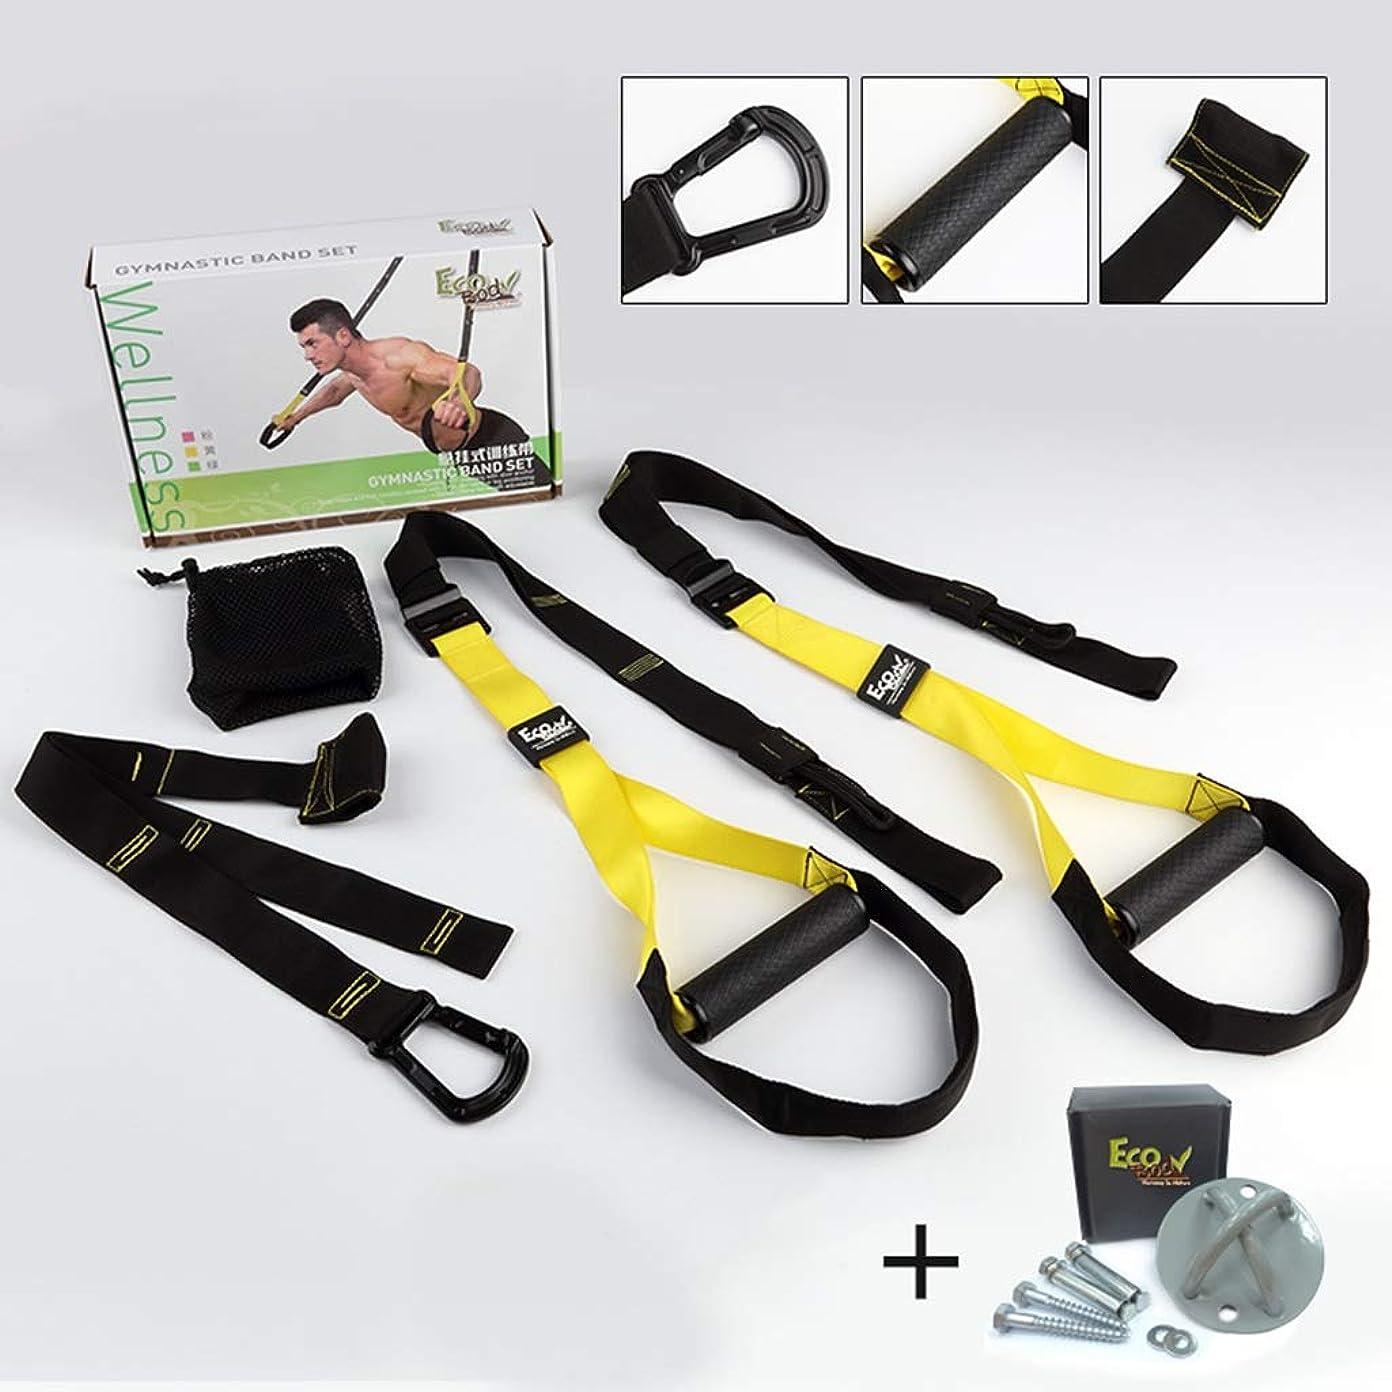 喉頭曲原子プルロープ男性の胸の抵抗運動家スクワットフィットネス機器と吊り訓練 (色 : Fitness package+fixed disk)